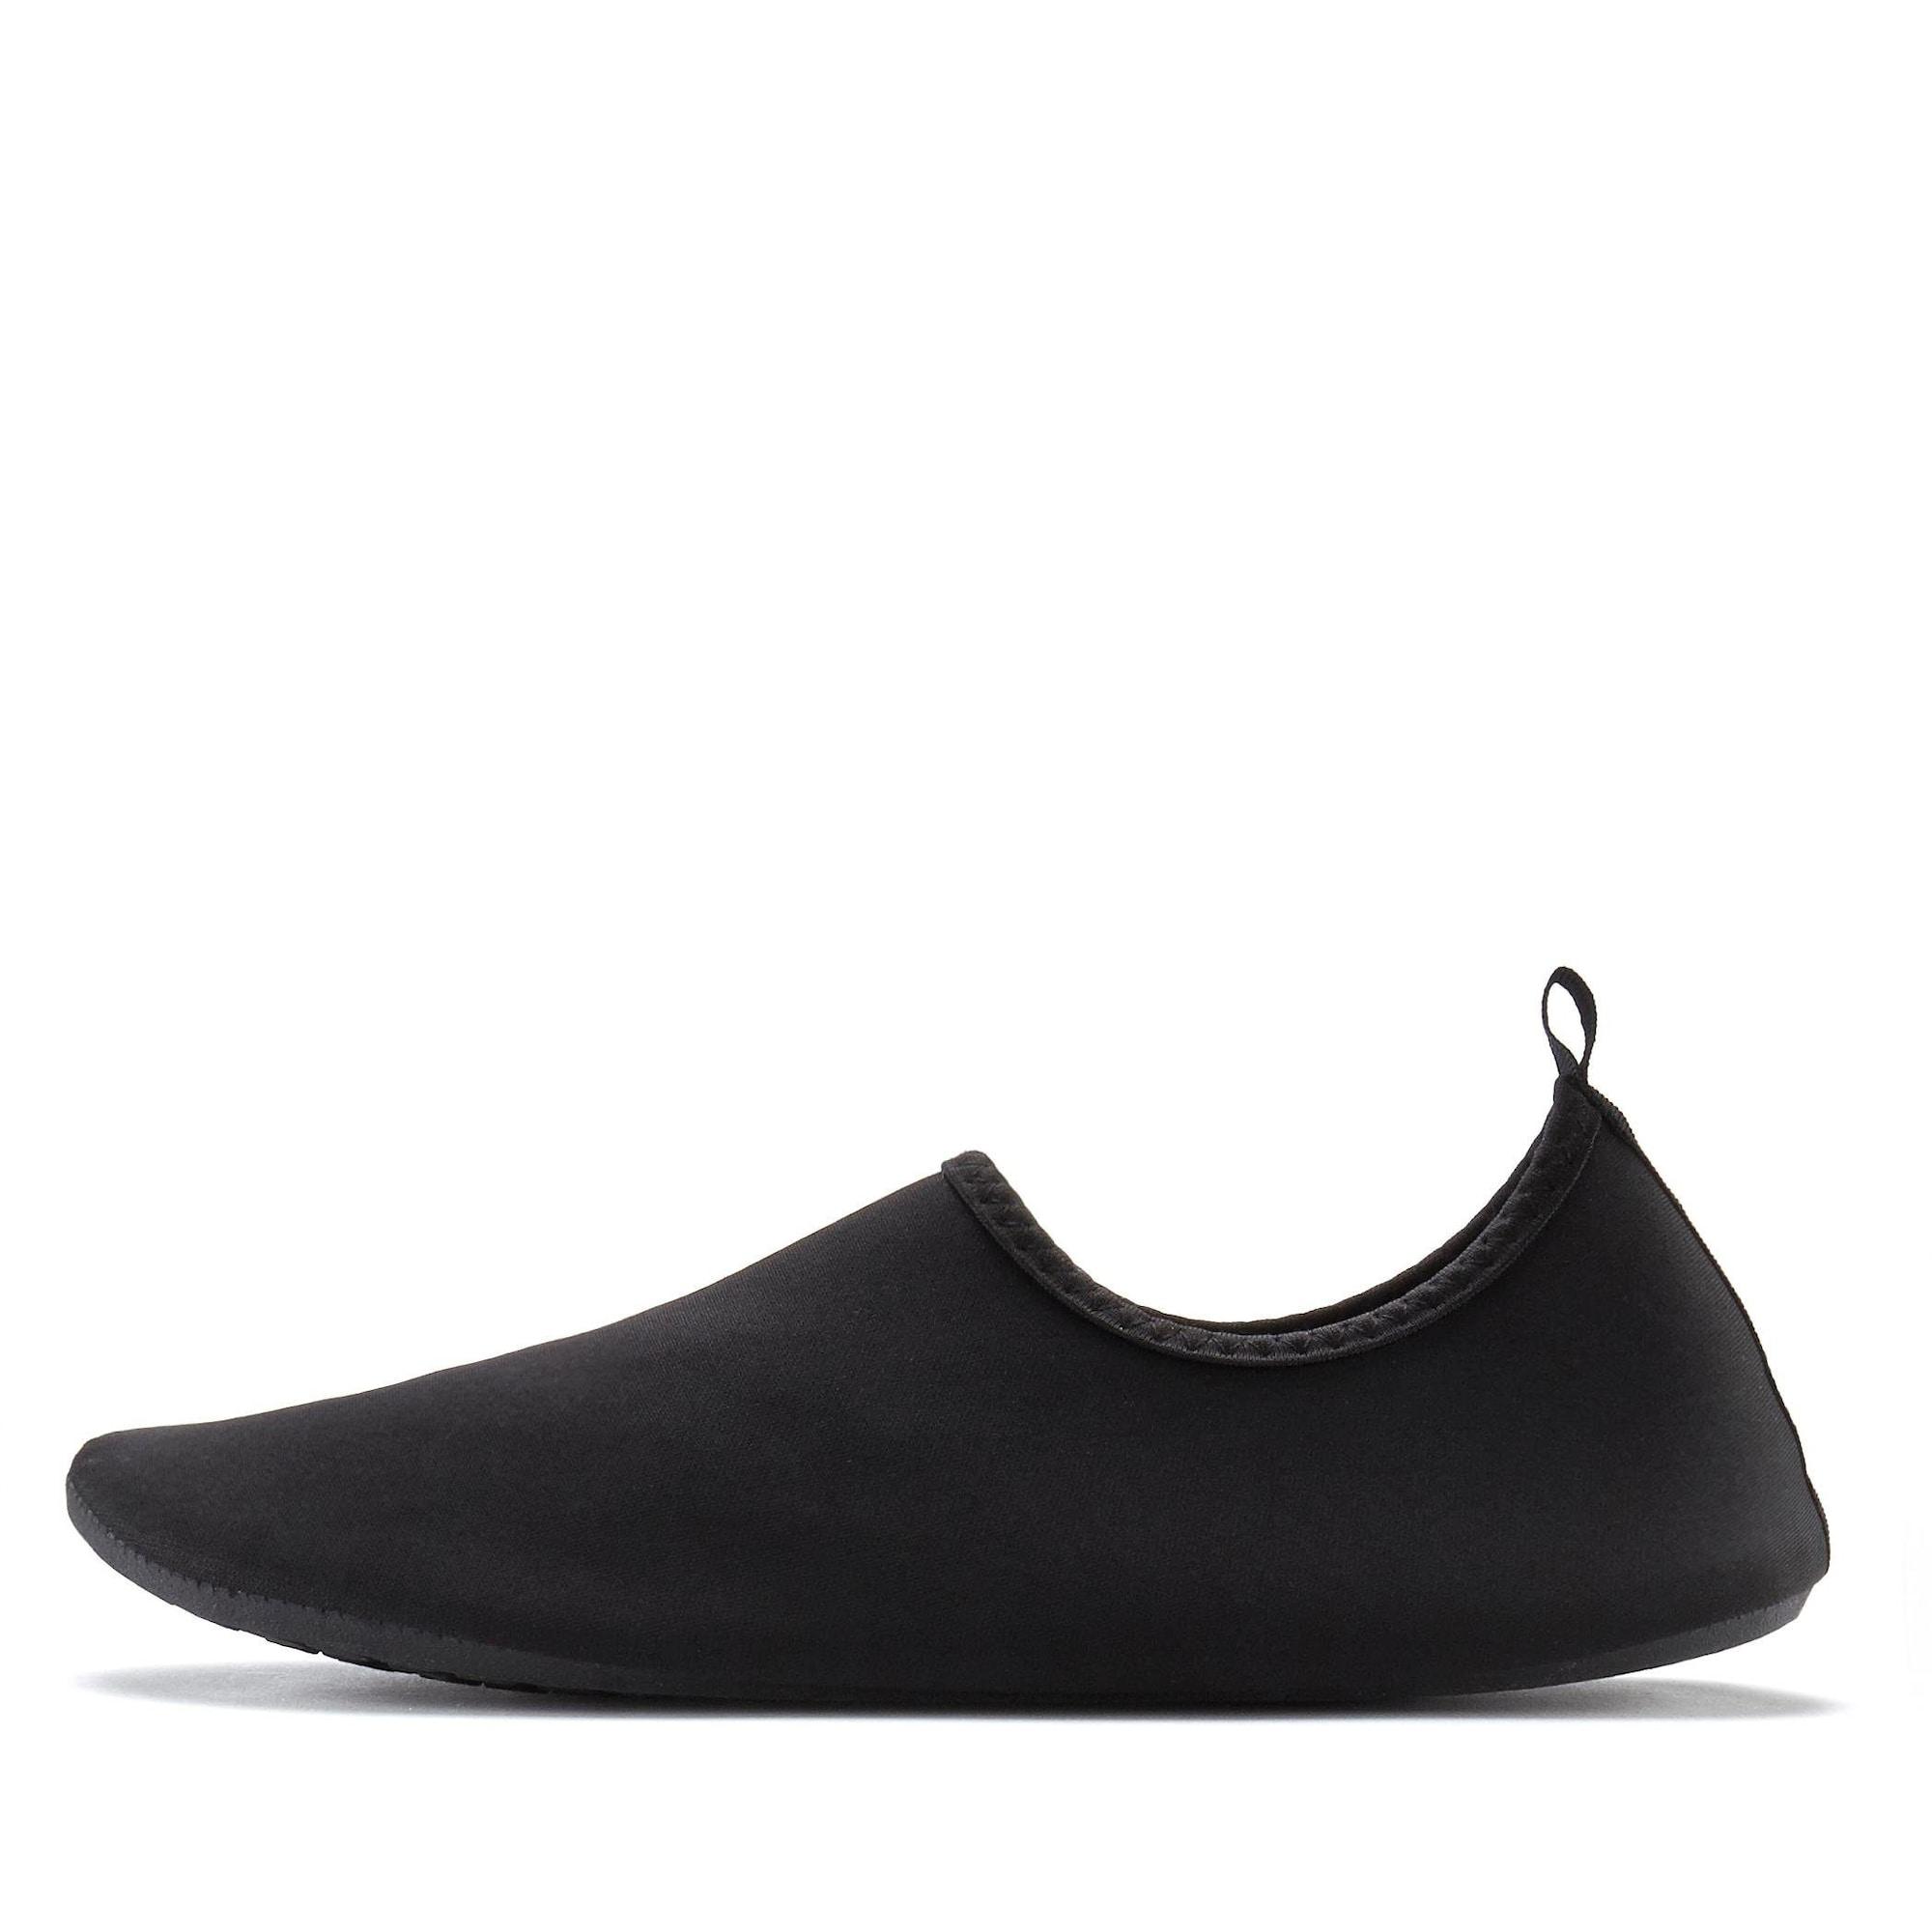 LASCANA Sandalai / maudymosi batai juoda